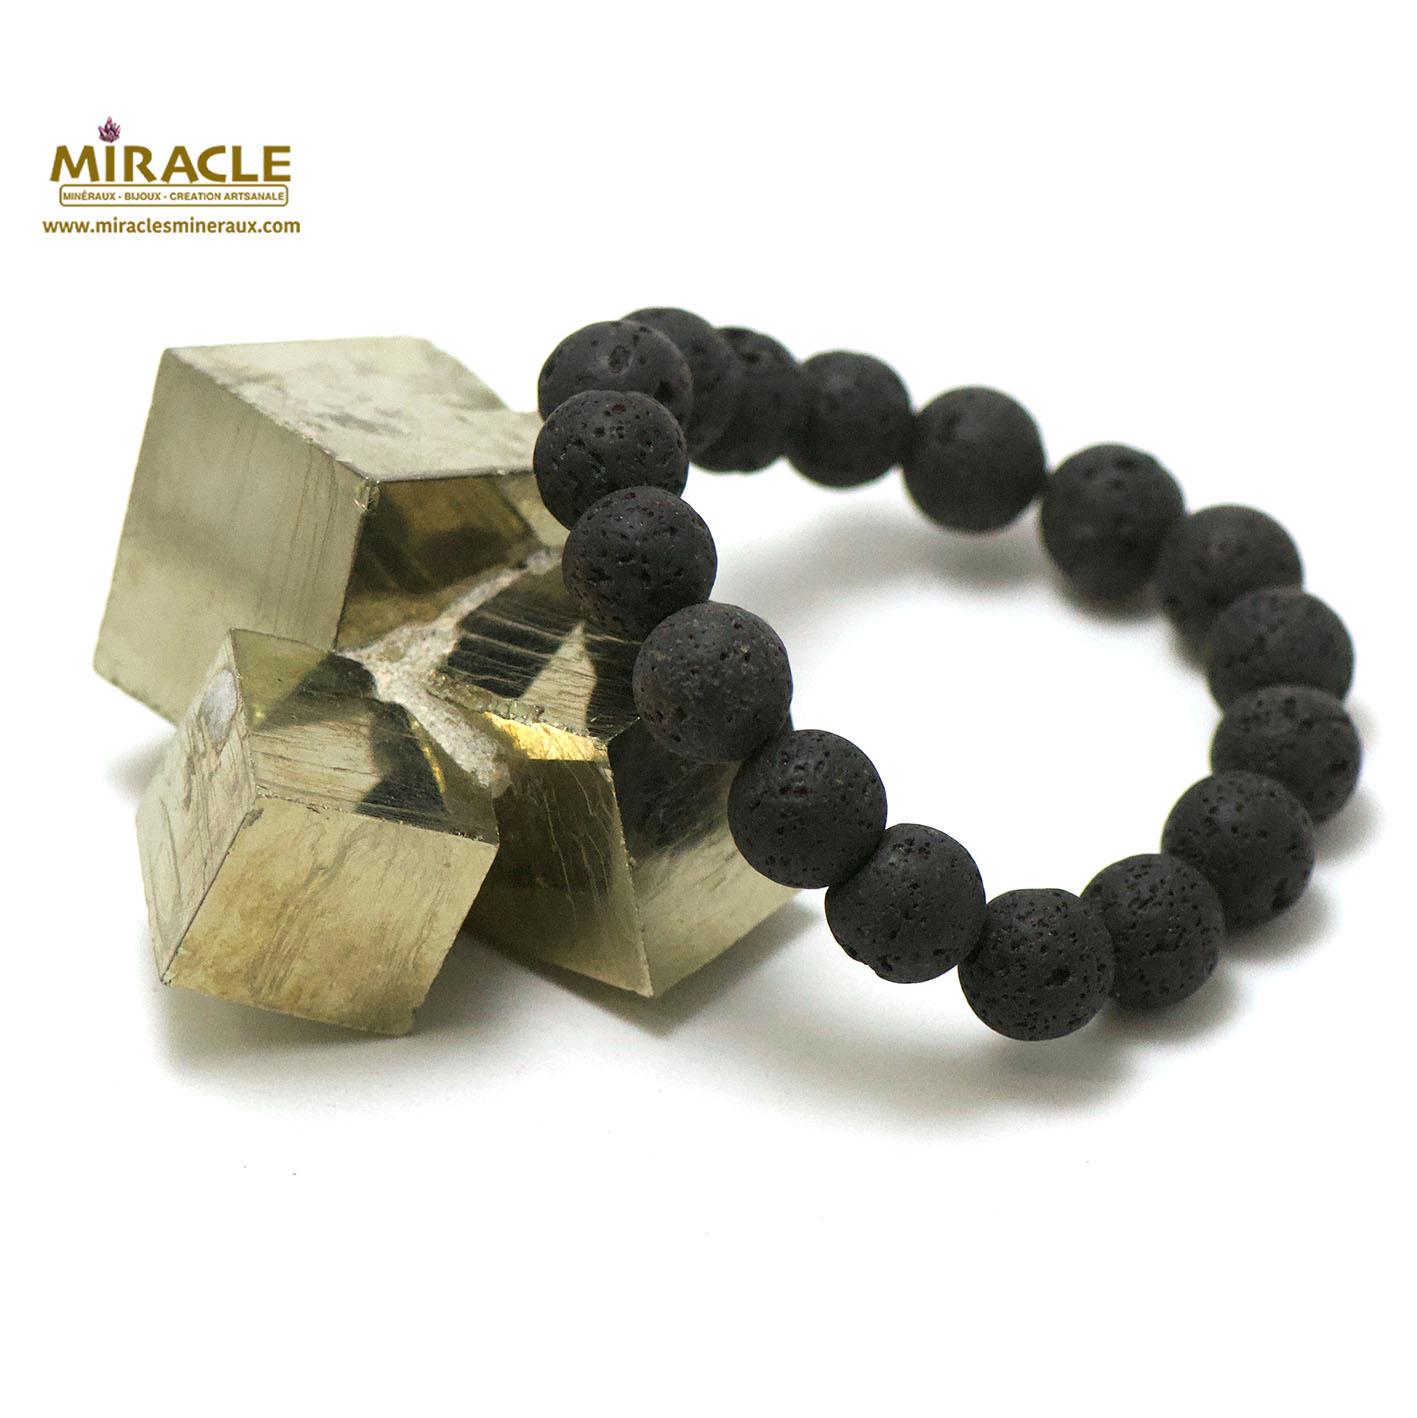 bracelet pierre de lave (roche volcanique), perle ronde 12 mm